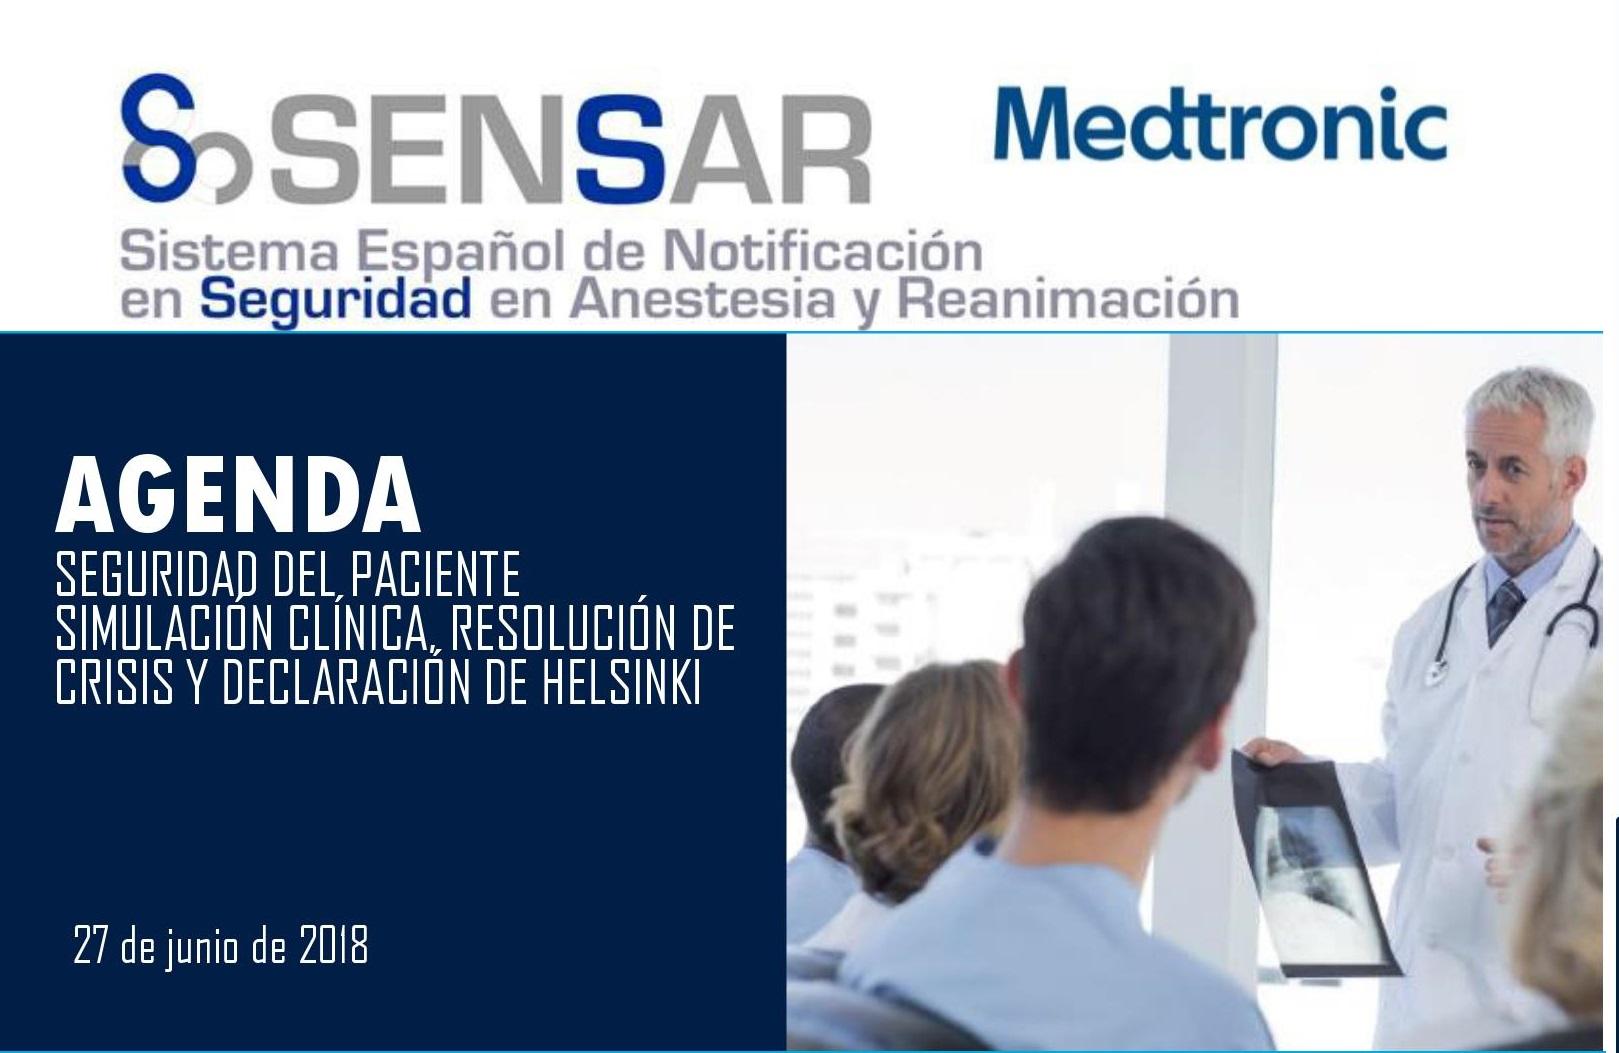 6ª Edición del Curso CRM Helsinki en SENSAR con la colaboración de Medtronic